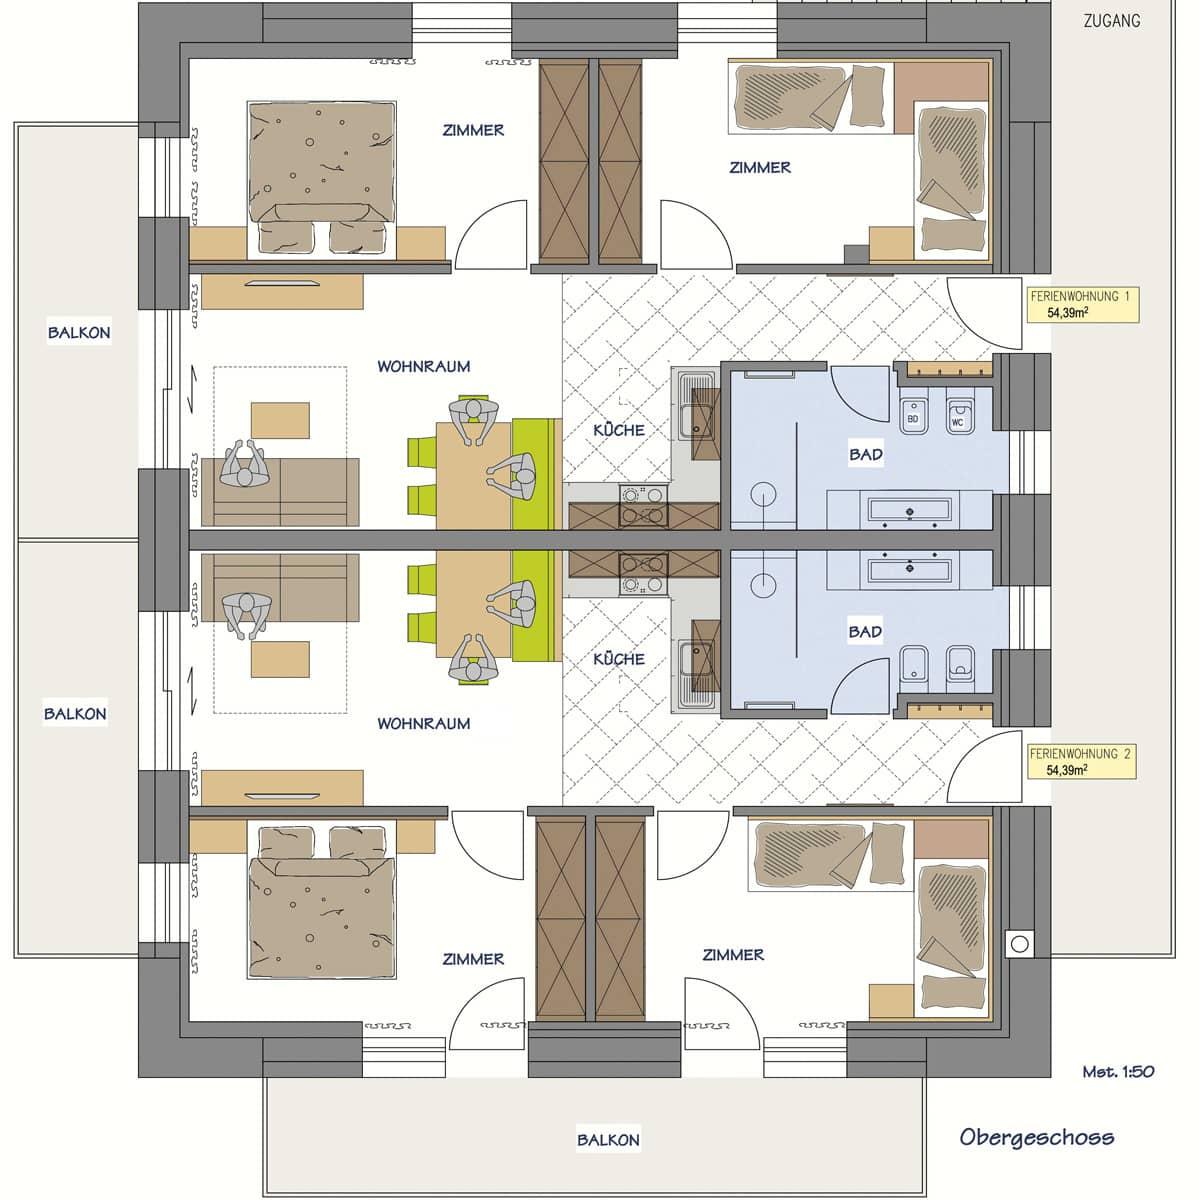 bad im schlafzimmer integriert grundriss gr ne schlafsofas bettw sche 220x240 grau breuninger. Black Bedroom Furniture Sets. Home Design Ideas